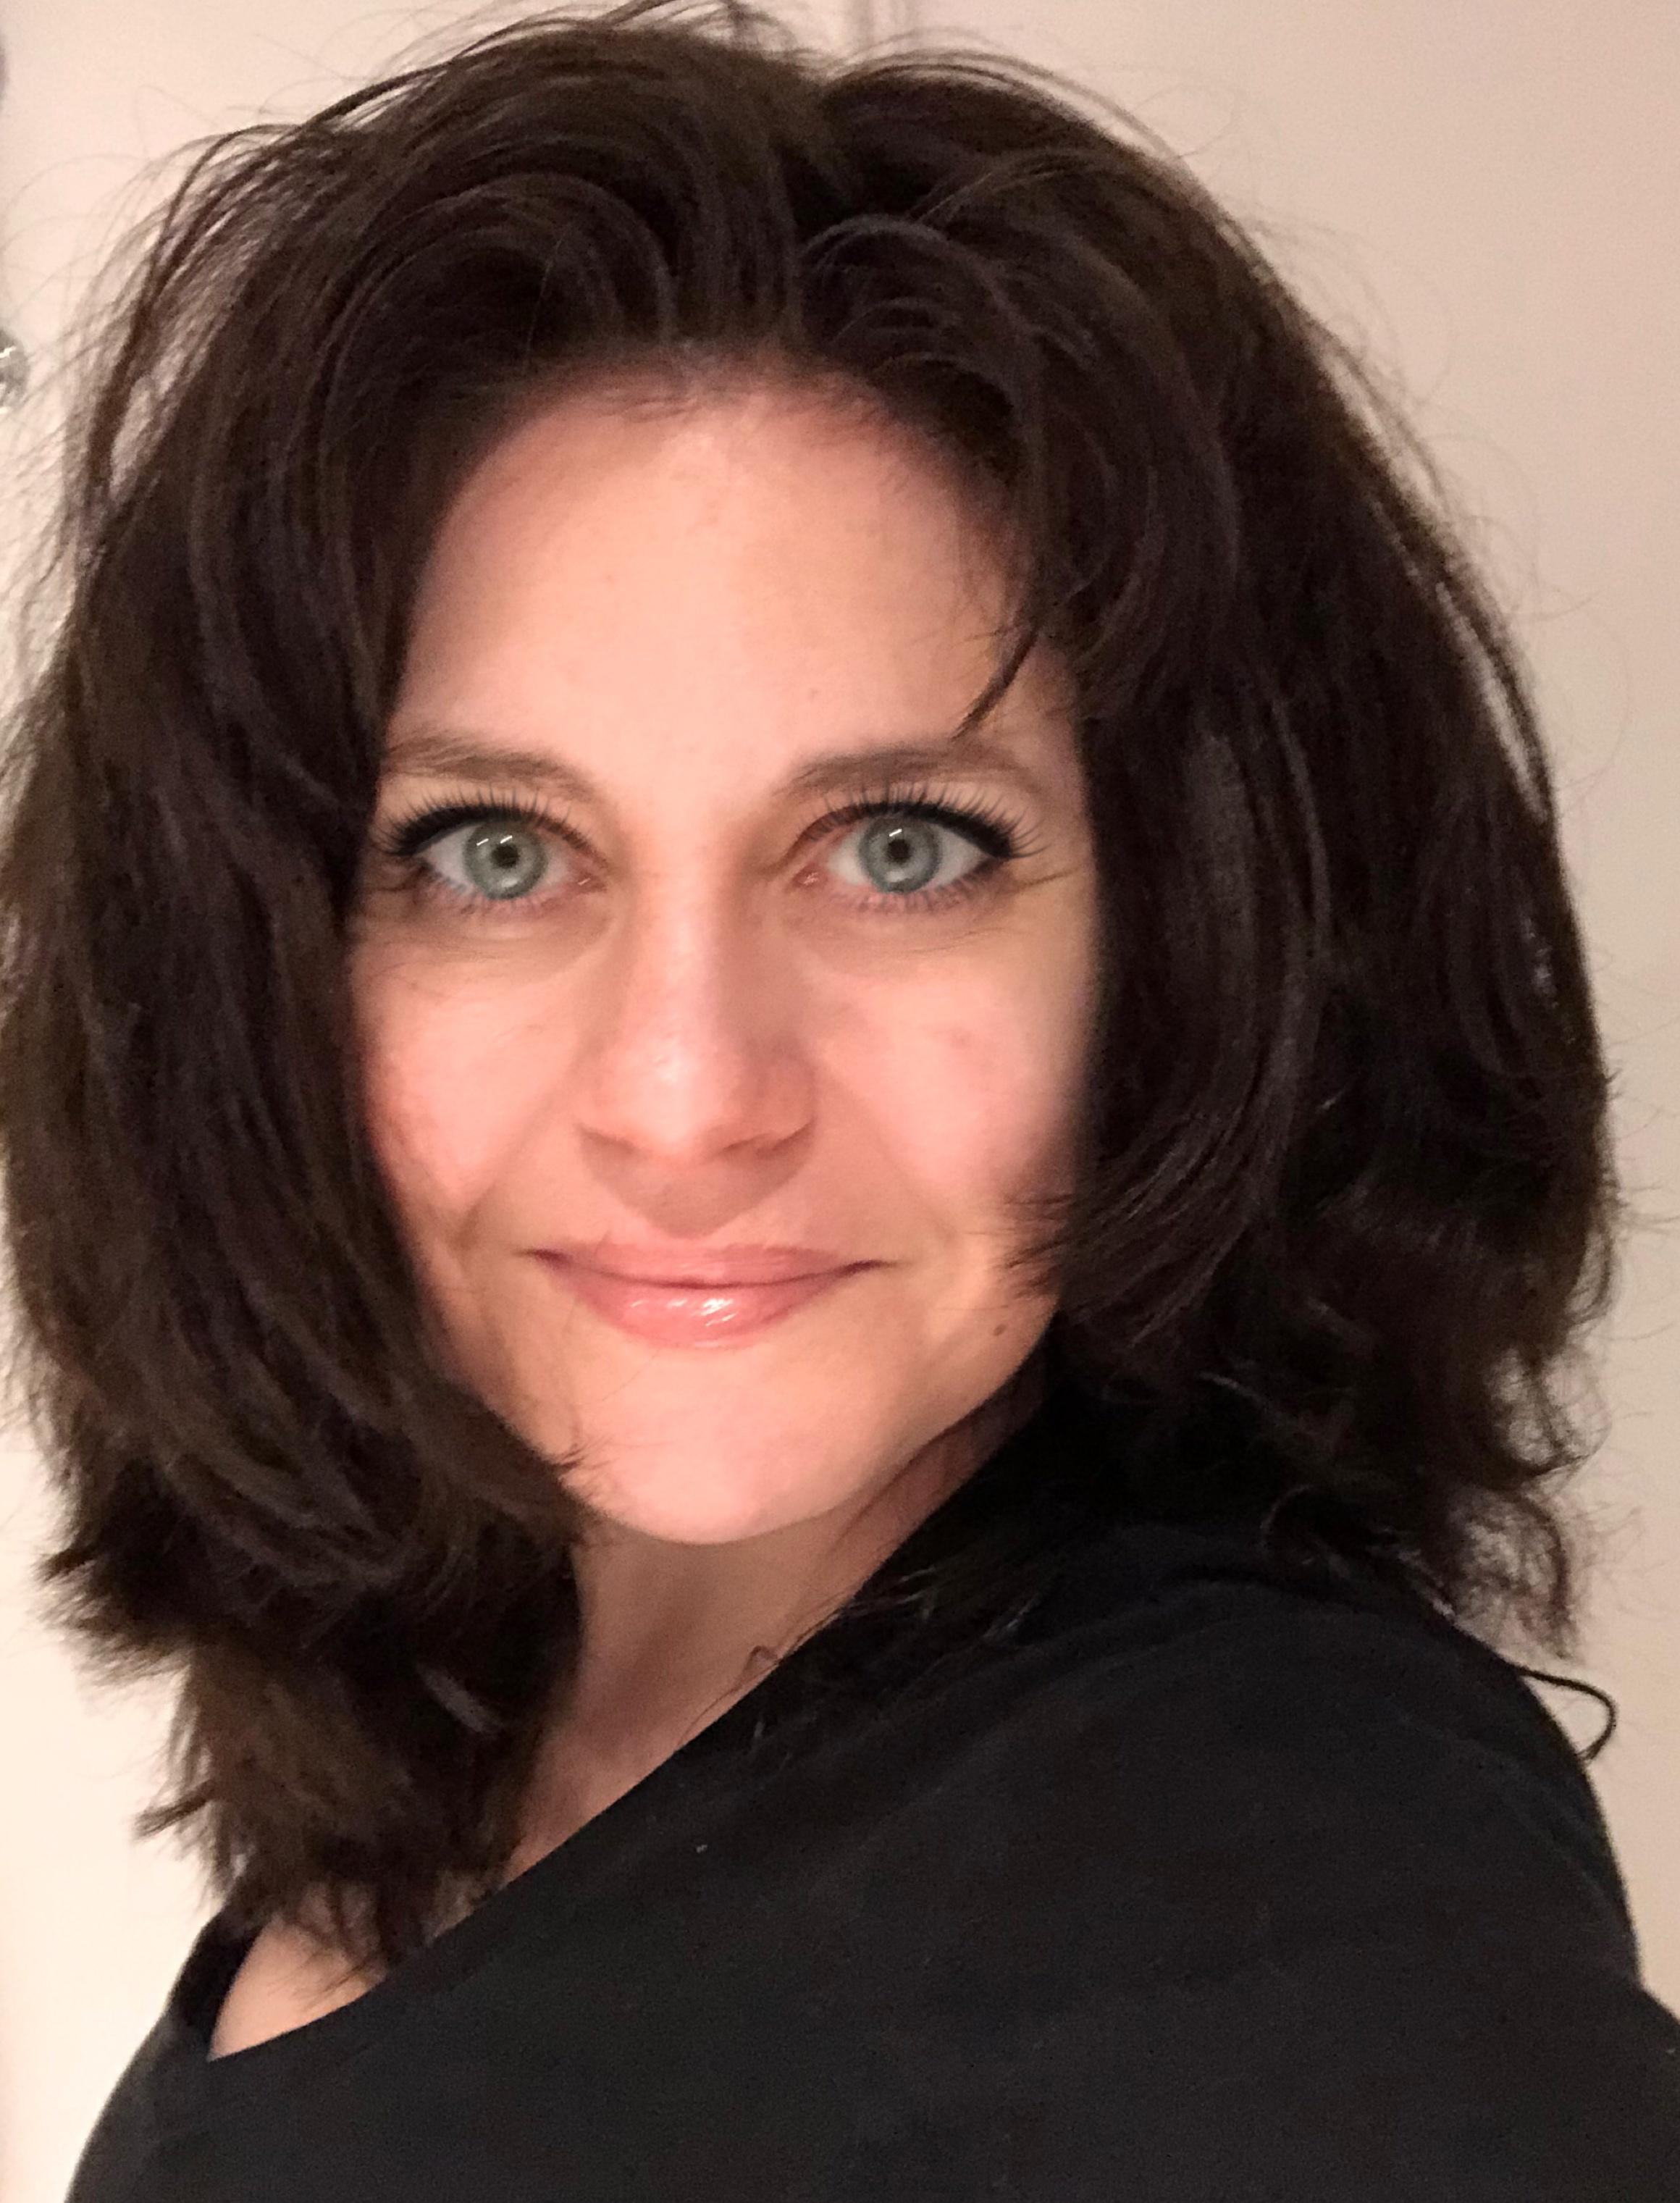 Sarah Imes Borden